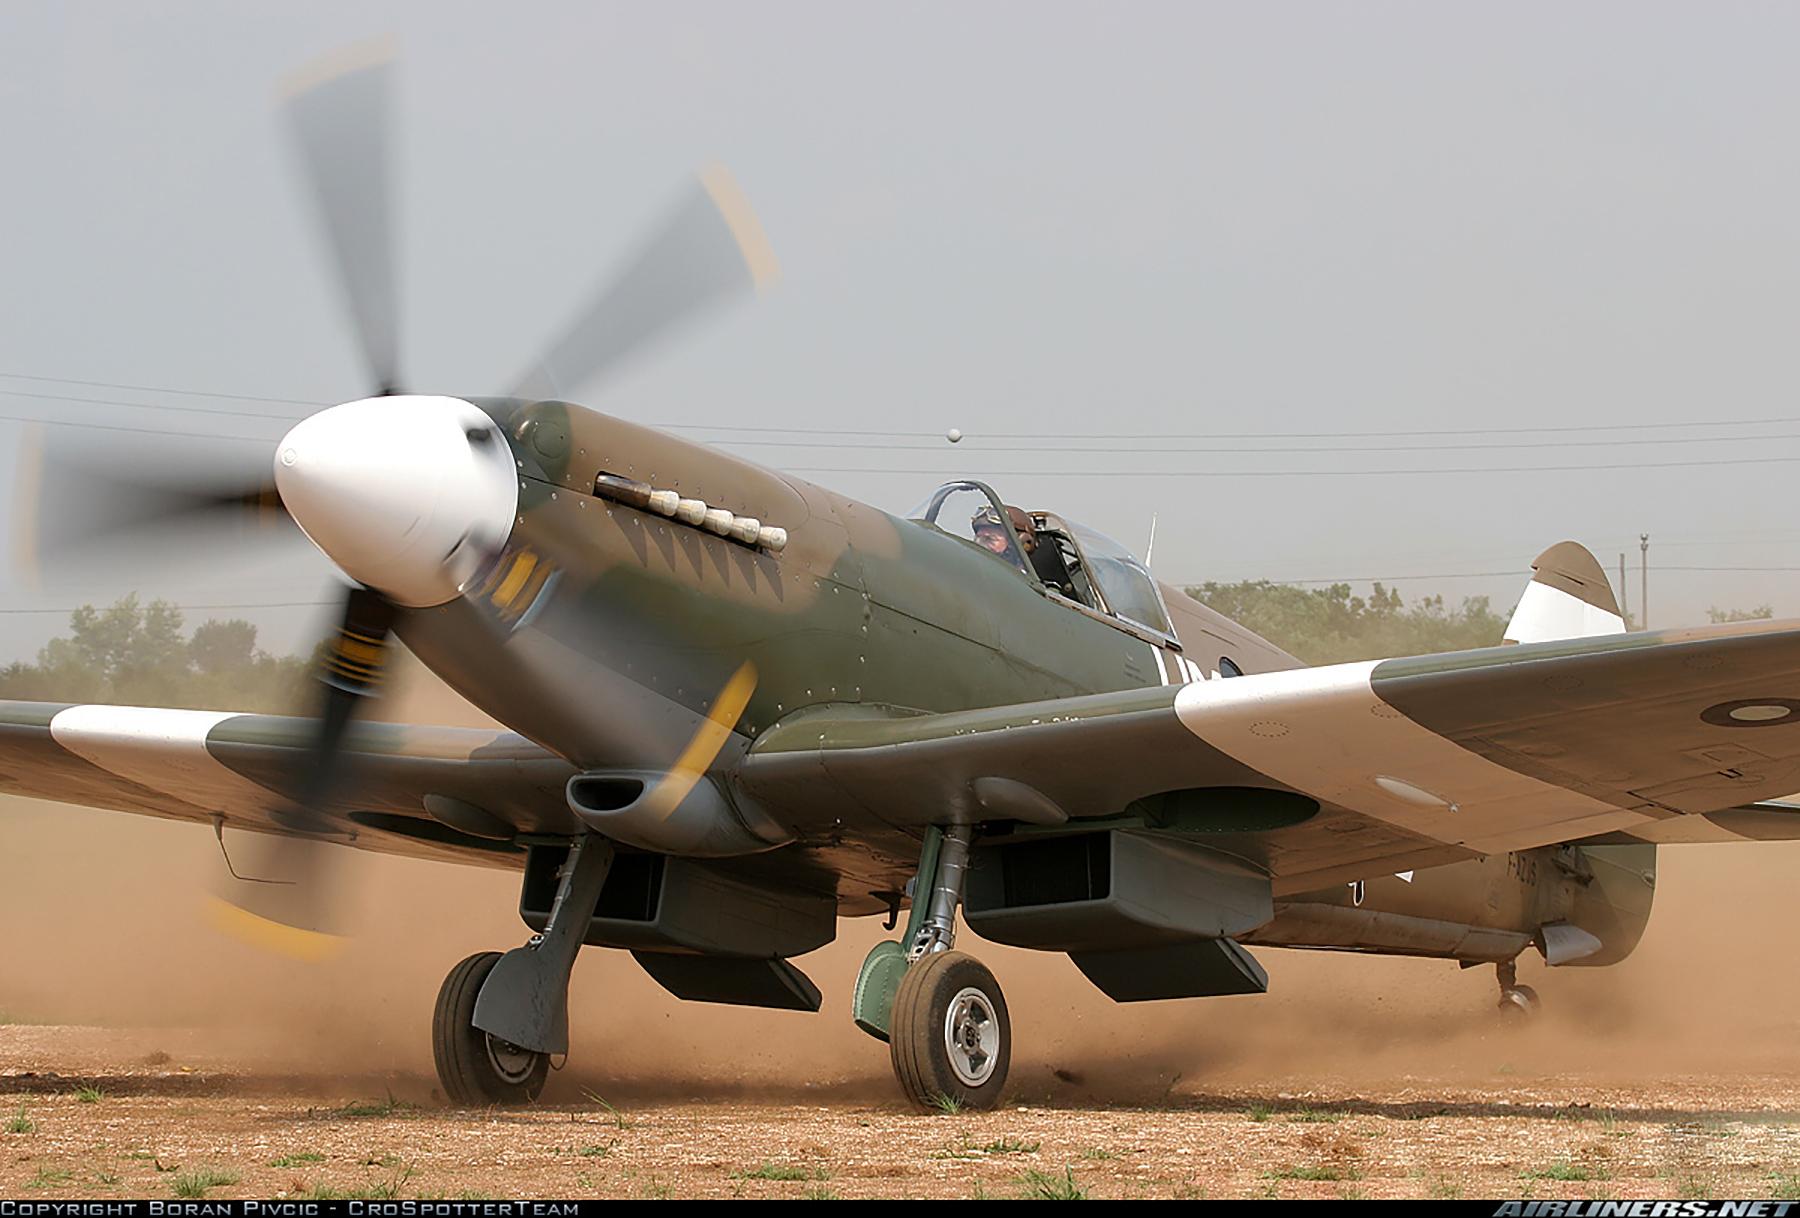 Airworthy Spitfire warbird PR19 PS890 as RAF 152Sqn UME 02